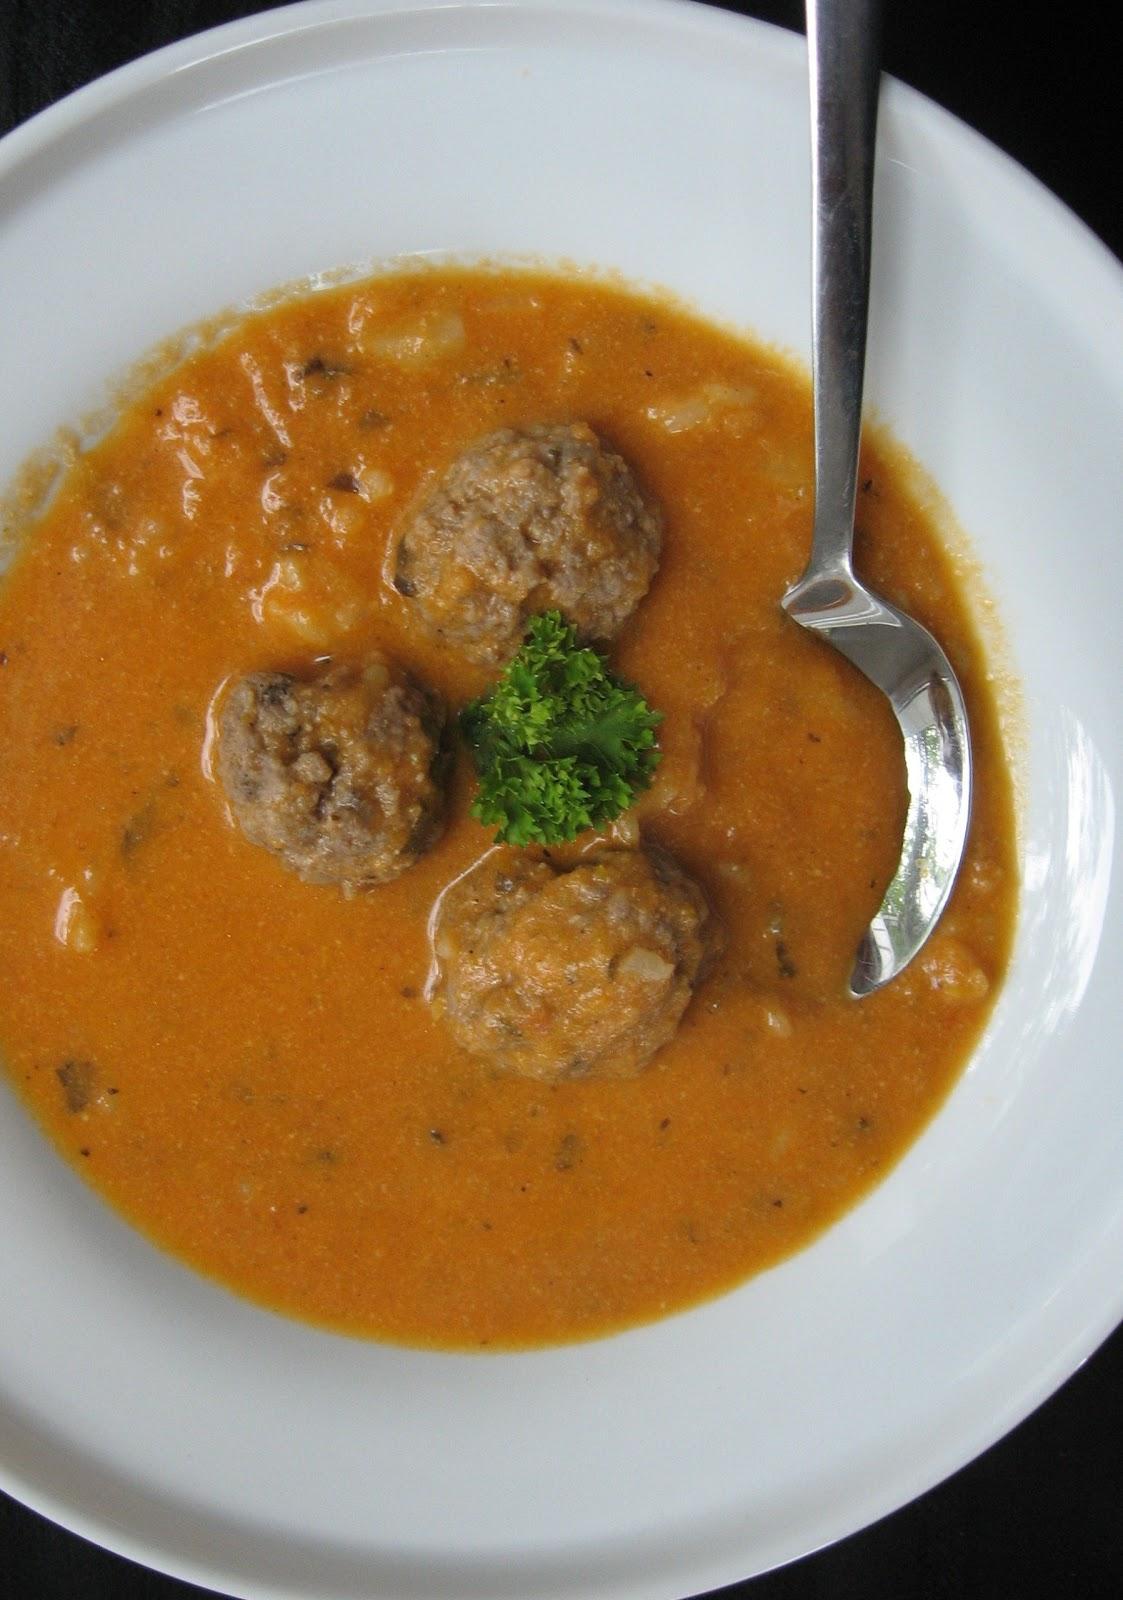 Pietų Stalas Ryžių Pomidorinė Sriuba Su Mėsos Kukuliais